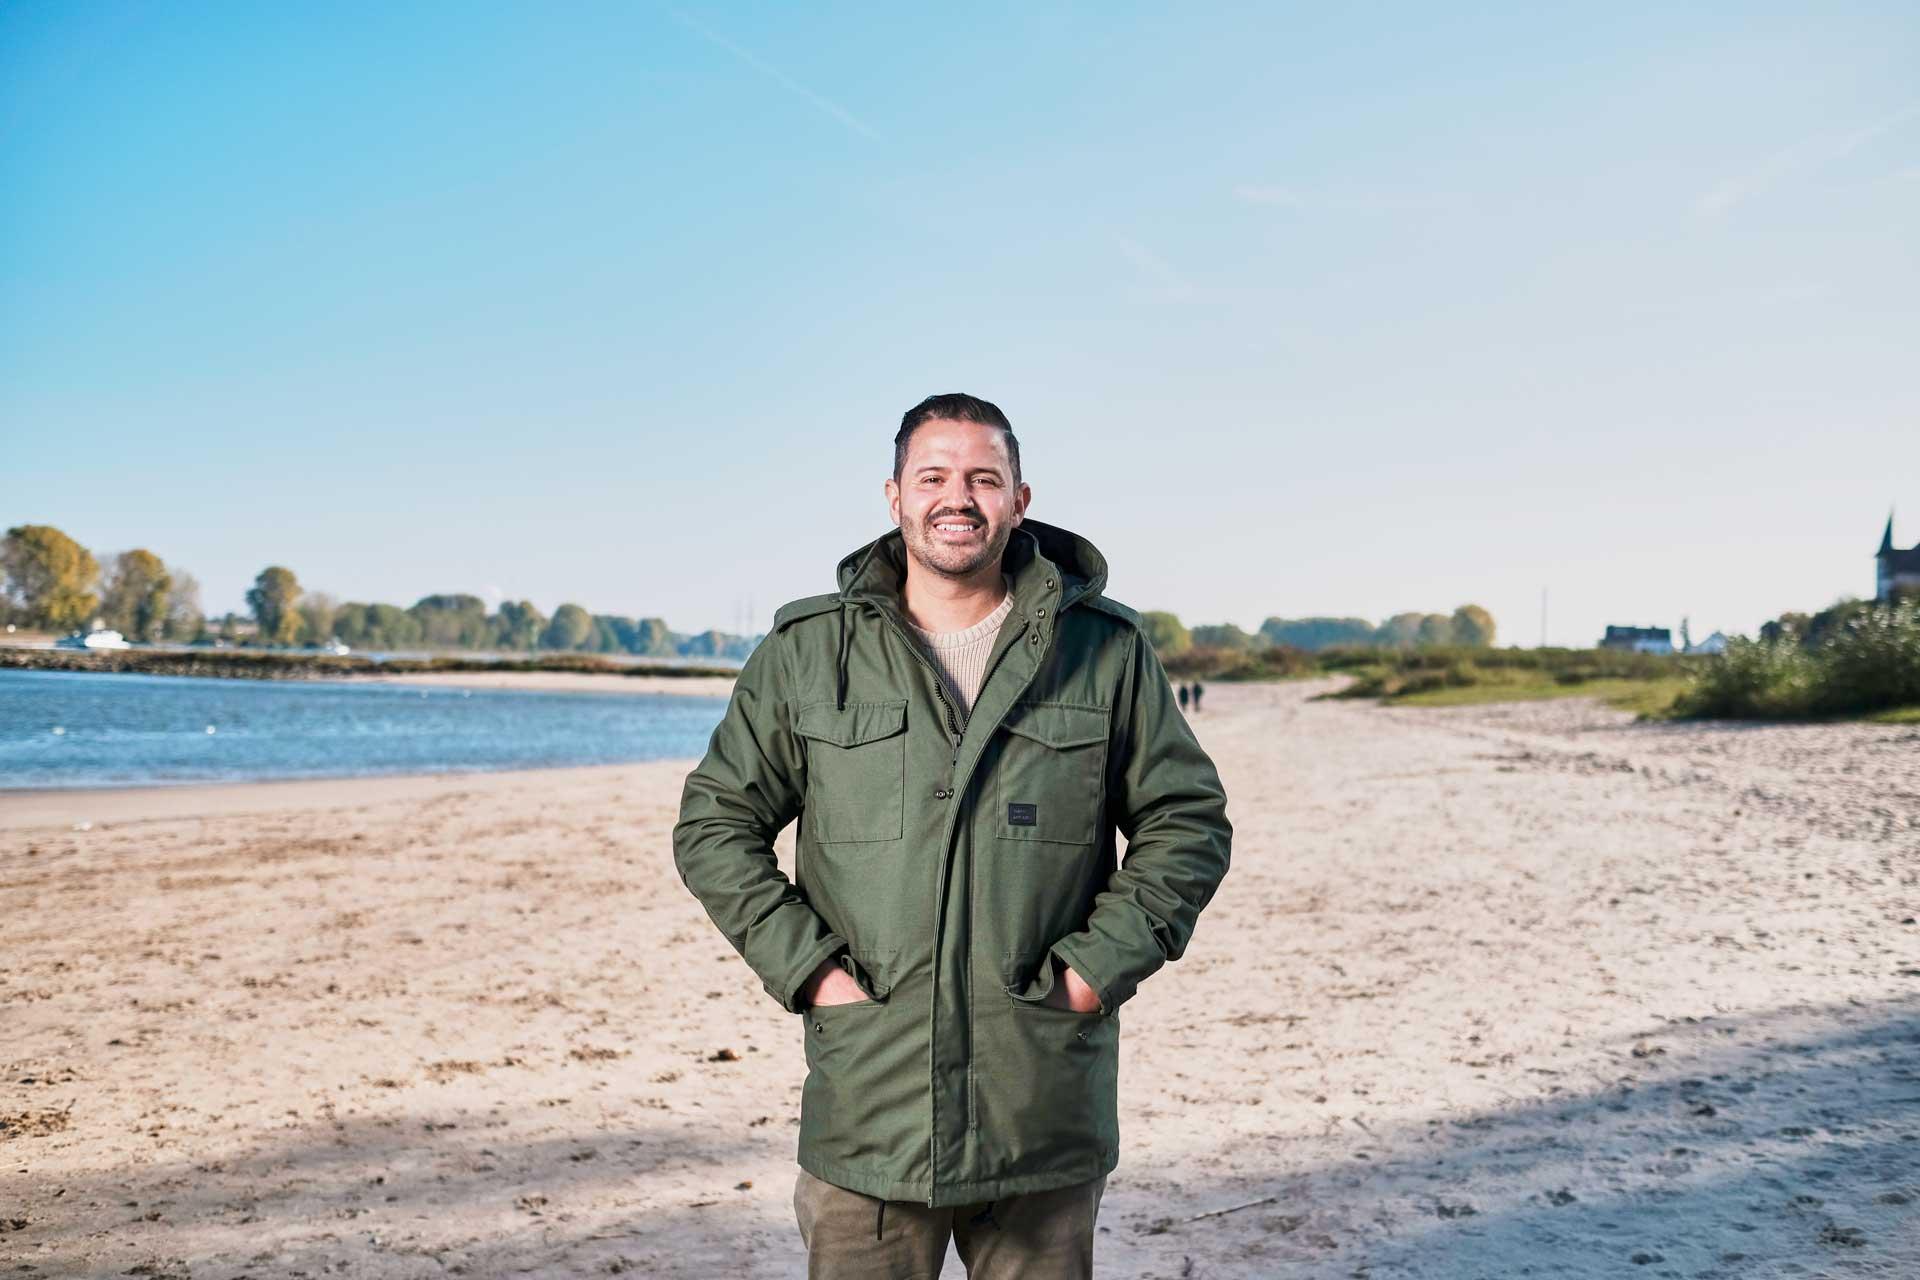 Hassan Fakhir Köln Beste Chorweiler Streetworker GAG Immobilien AG Langel Rhein